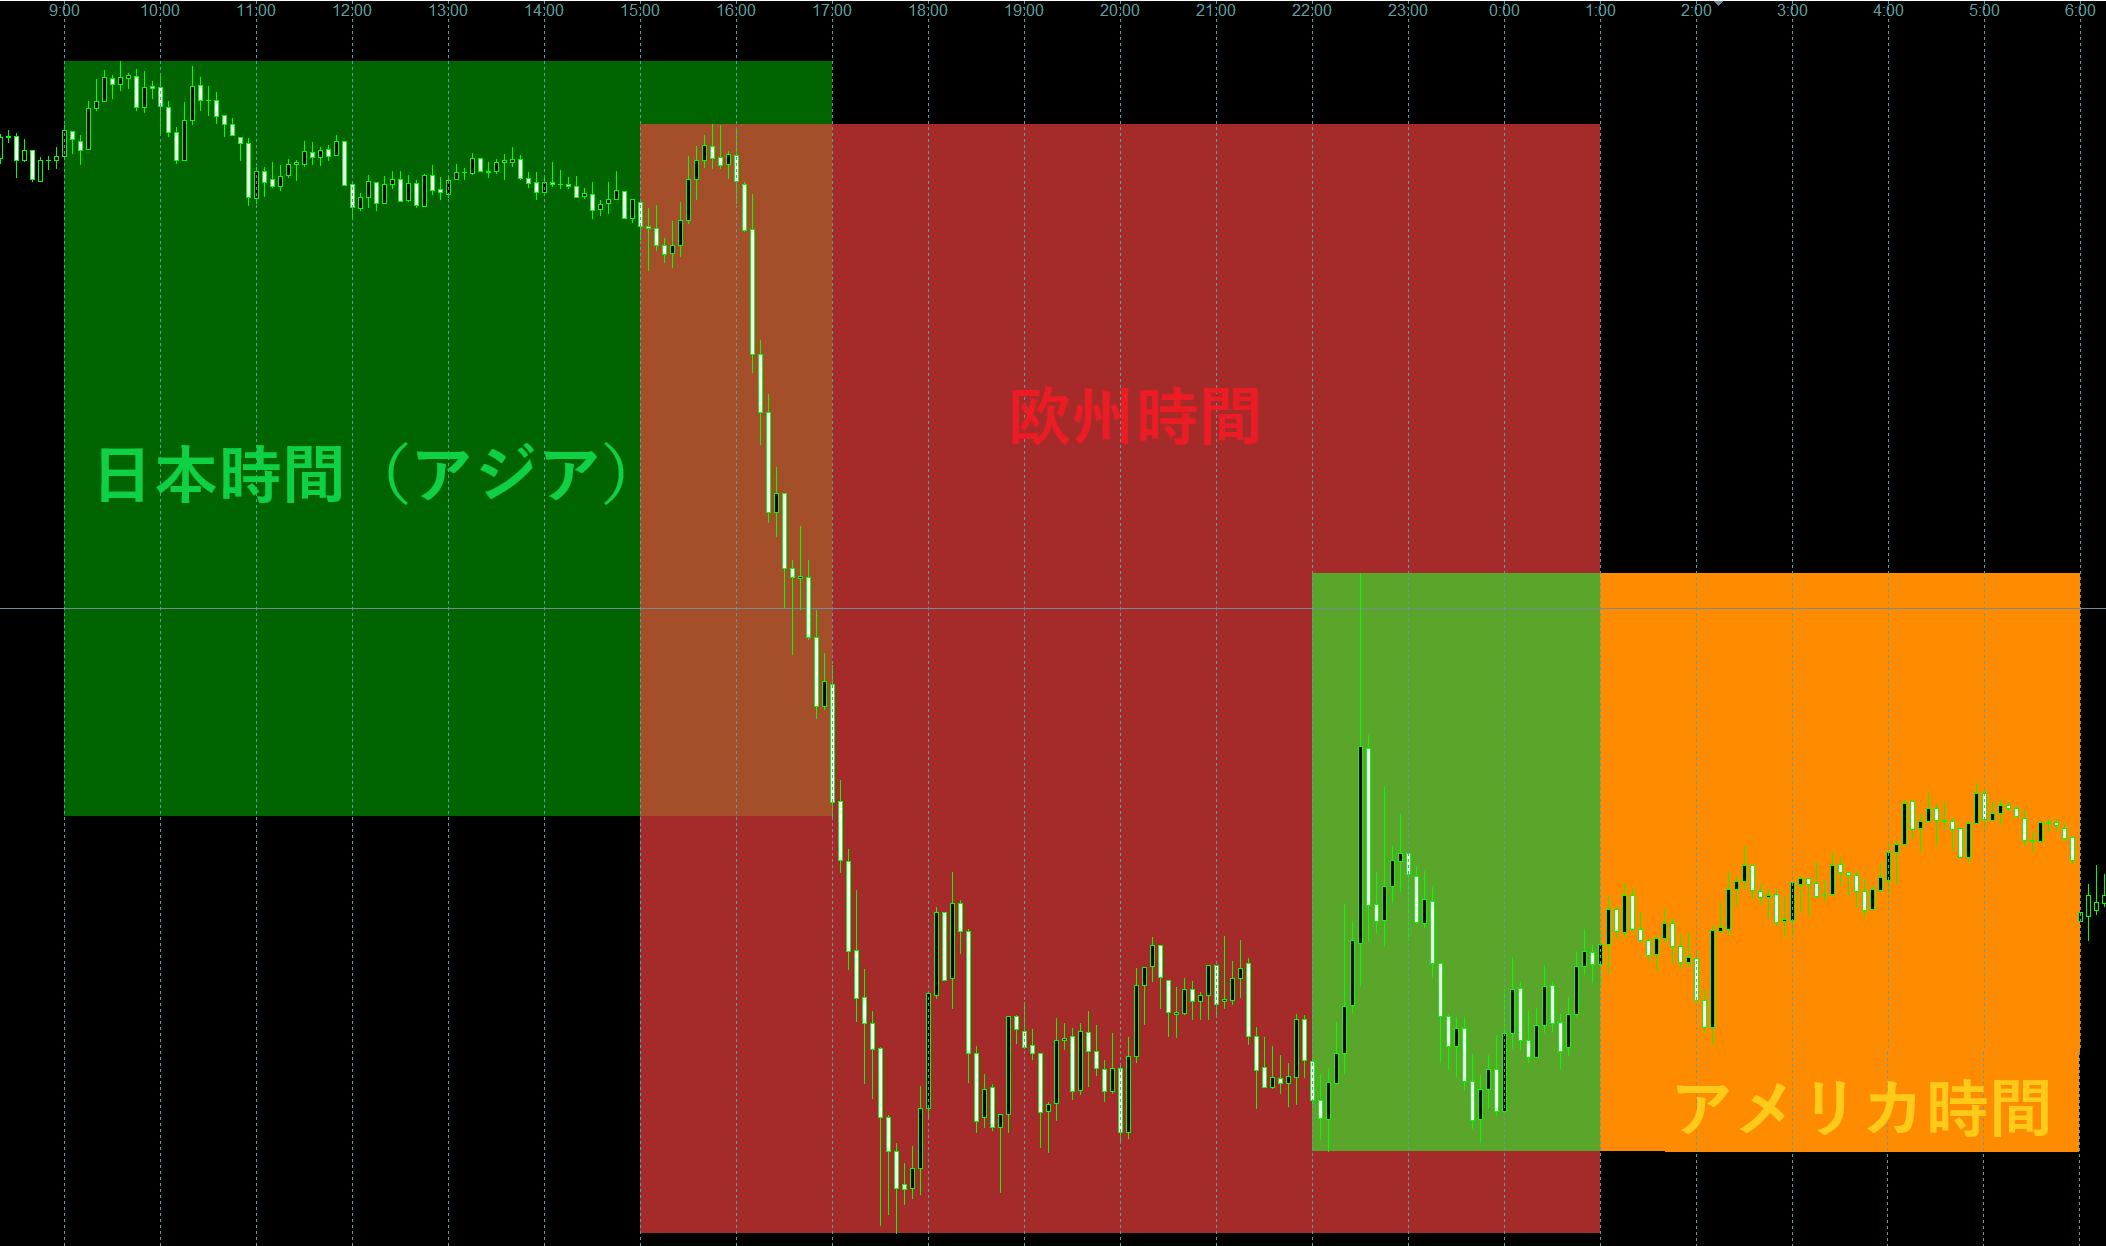 FXの時間帯を色分け